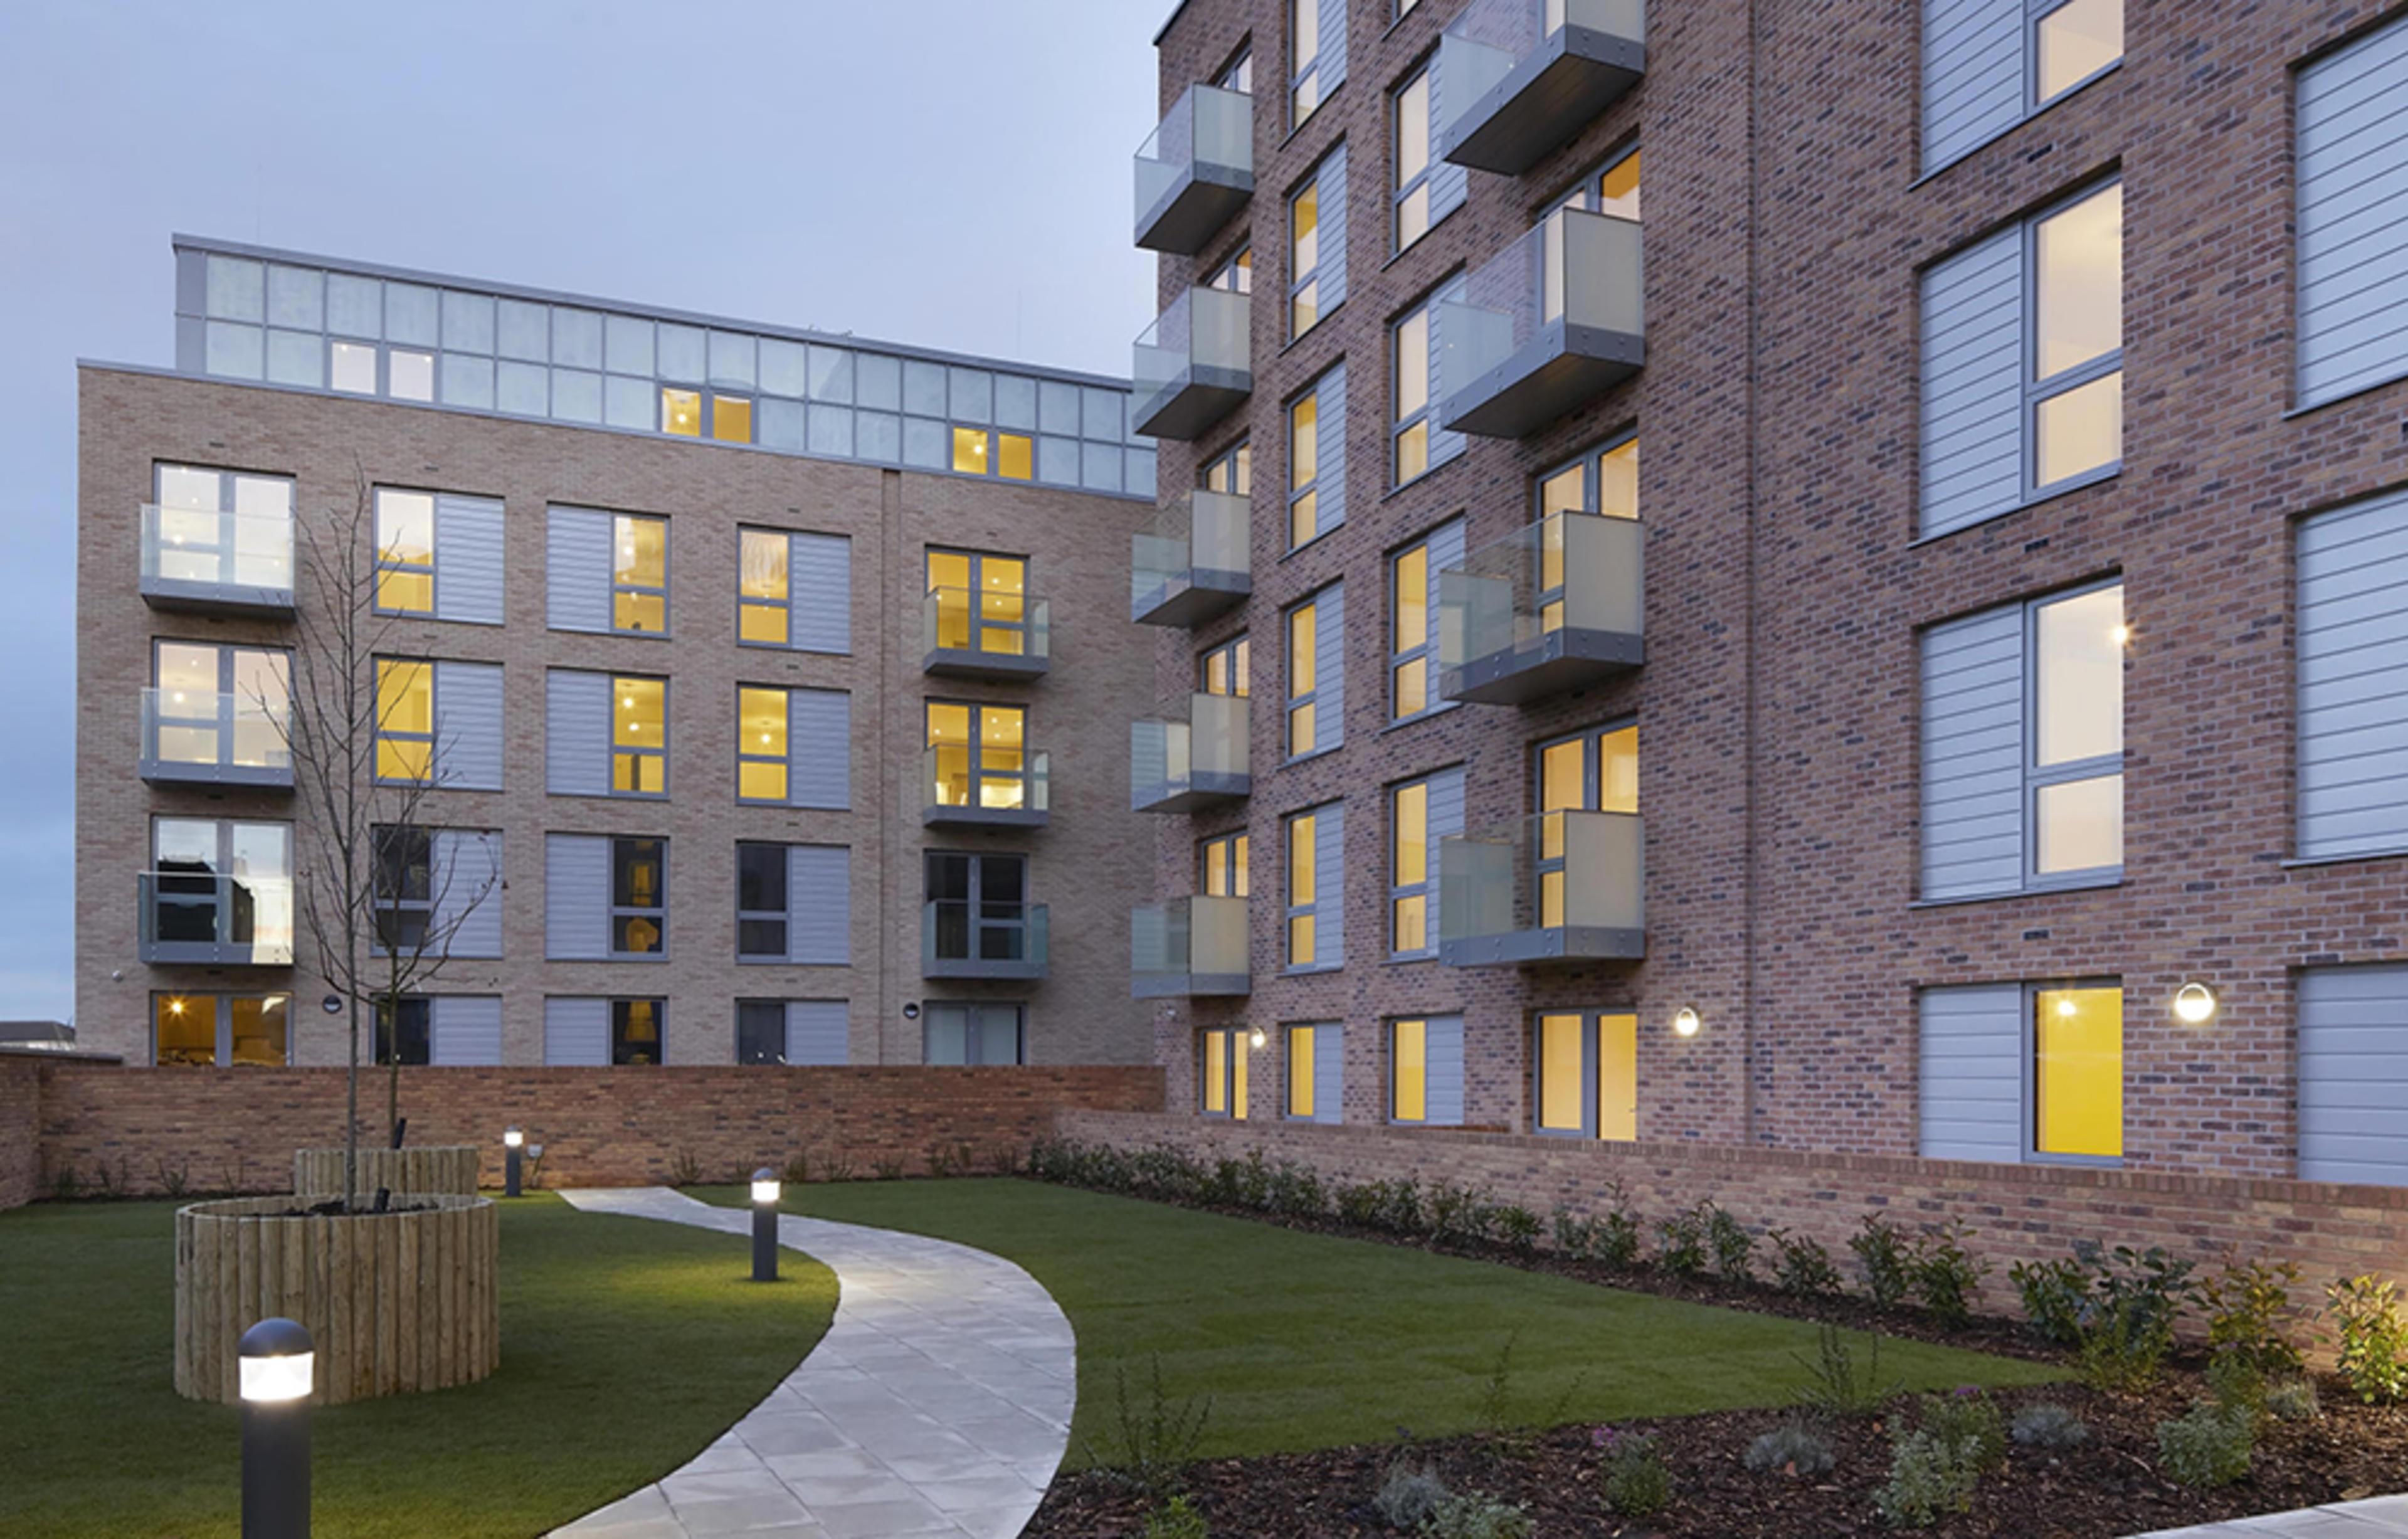 franklin-court-borehamwood-development-external-building-courtyard